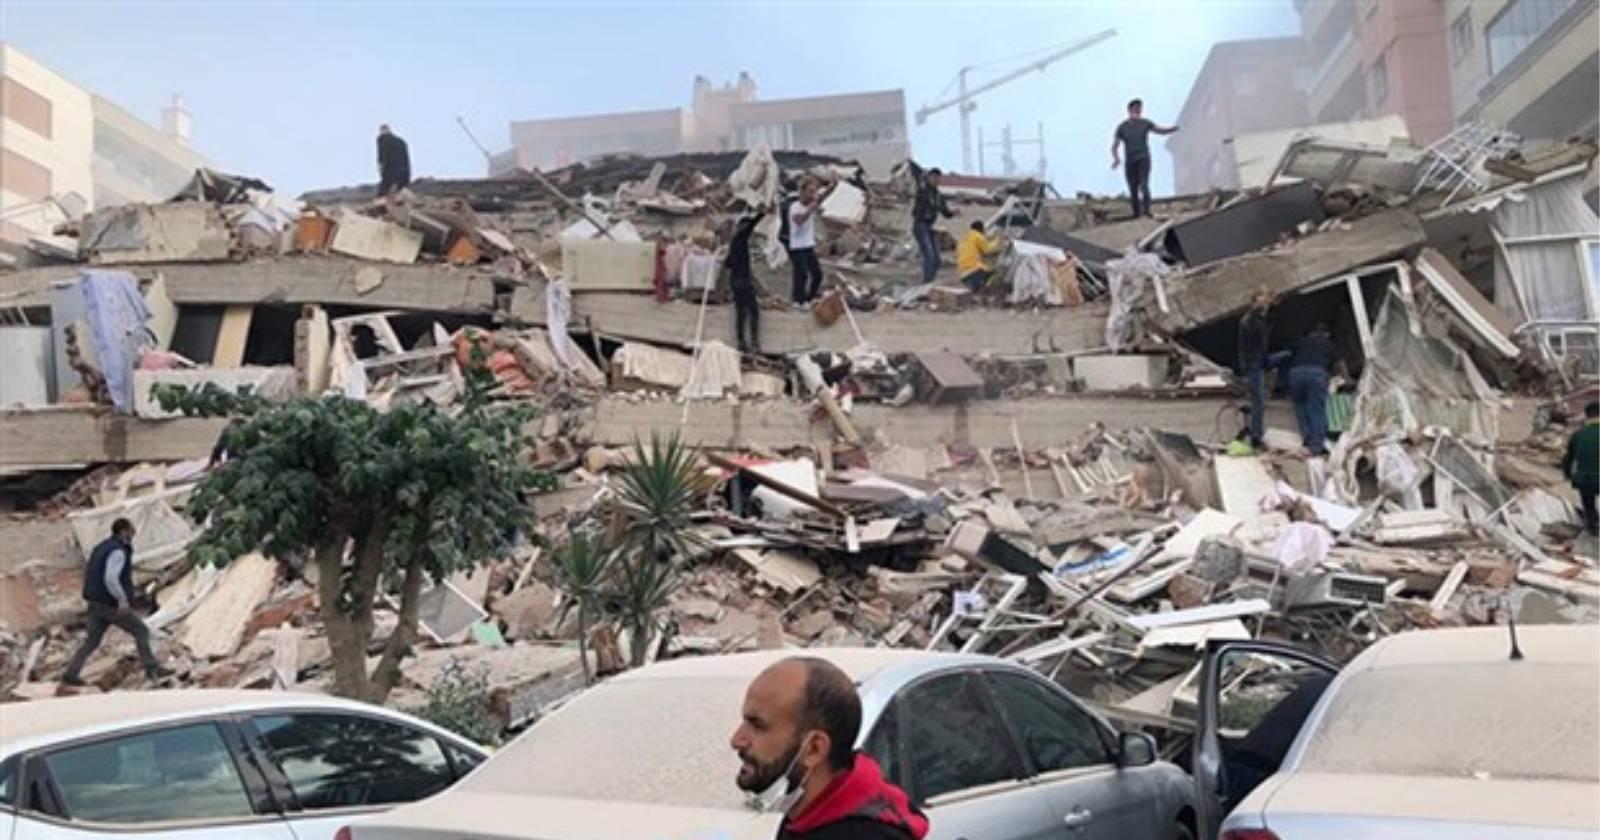 VIDEOS – Terremoto sacude a Grecia y a Turquía: hay alerta de tsunami en el Mar Egeo y derrumbes de edificios